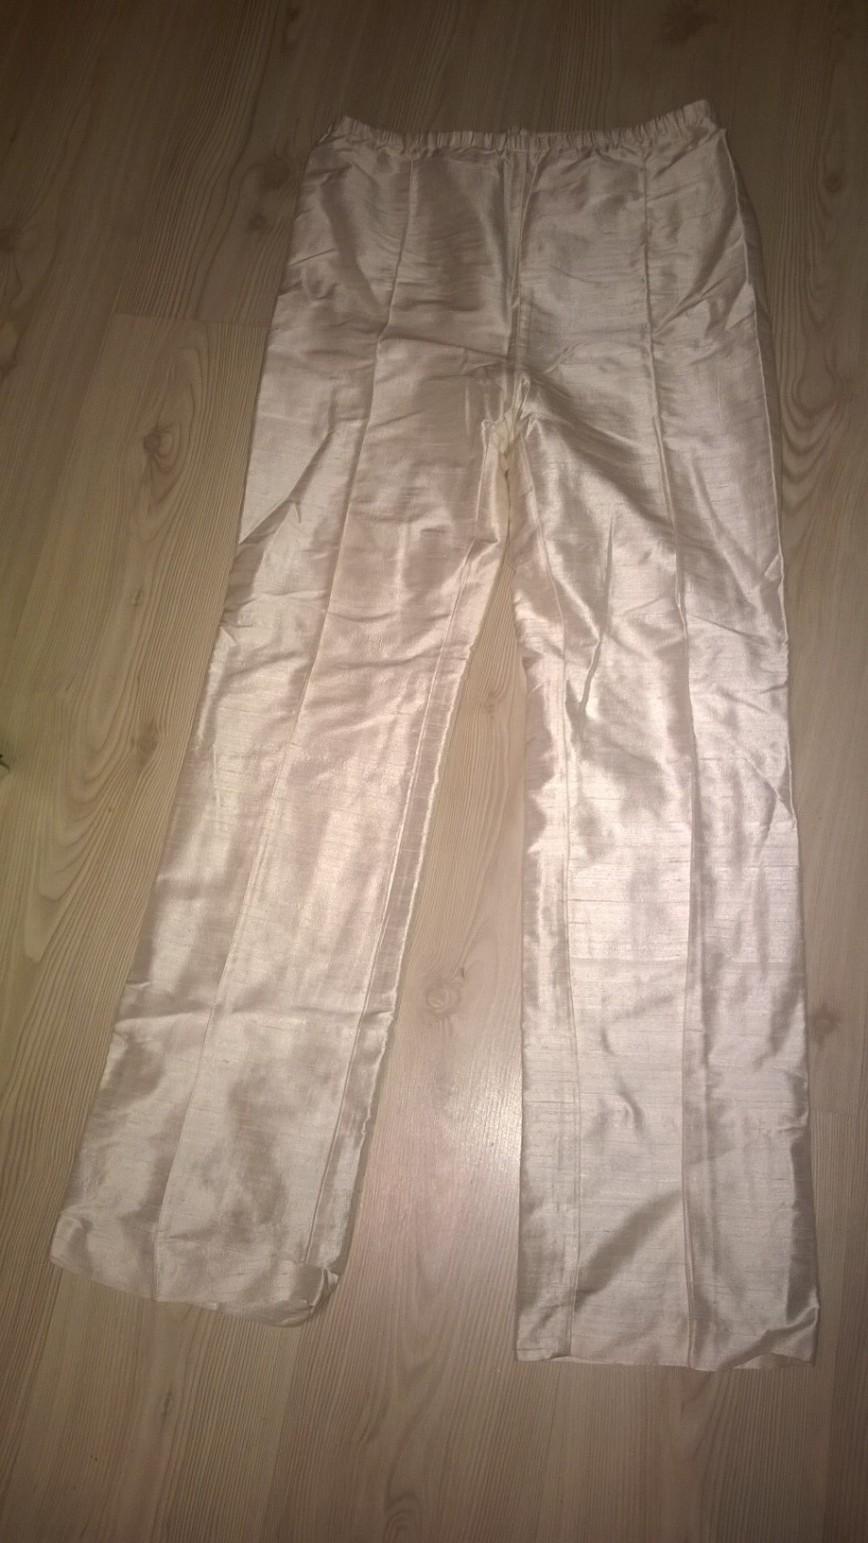 брюки для беременных, 44-46 размер, 500 руб. куплены в кенгуру.